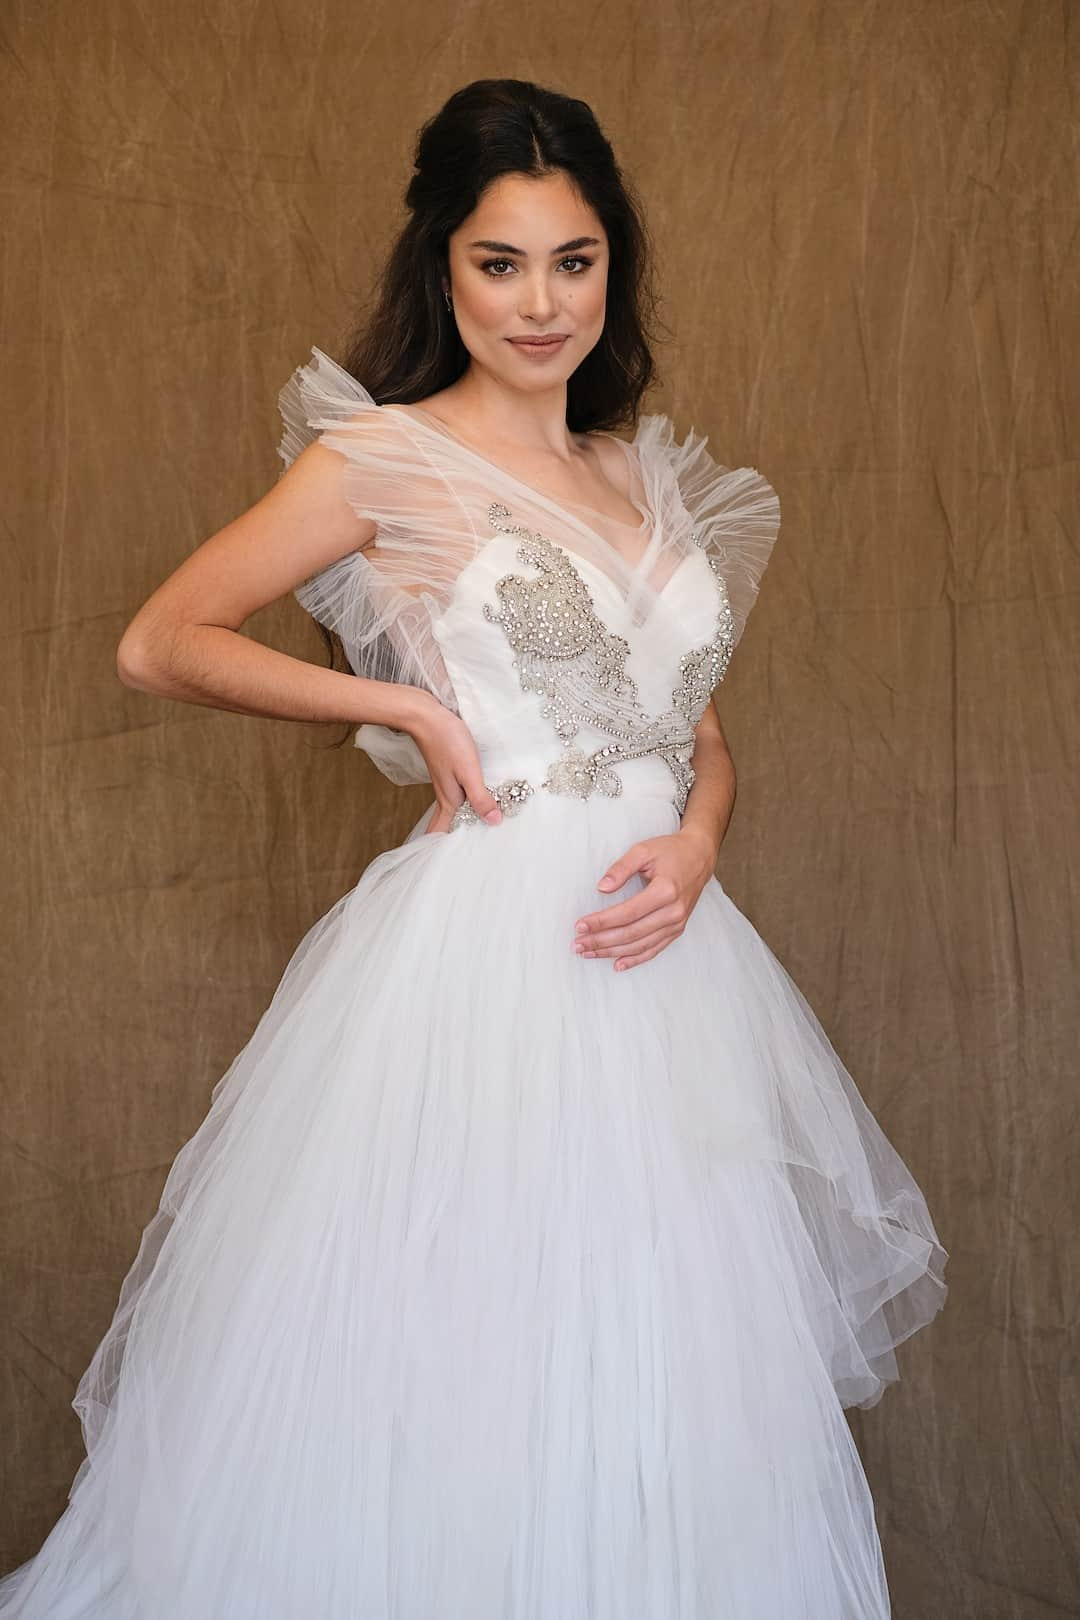 Romantisches Hochzeitskleid - Marco&Maria - 14-1031-front-top